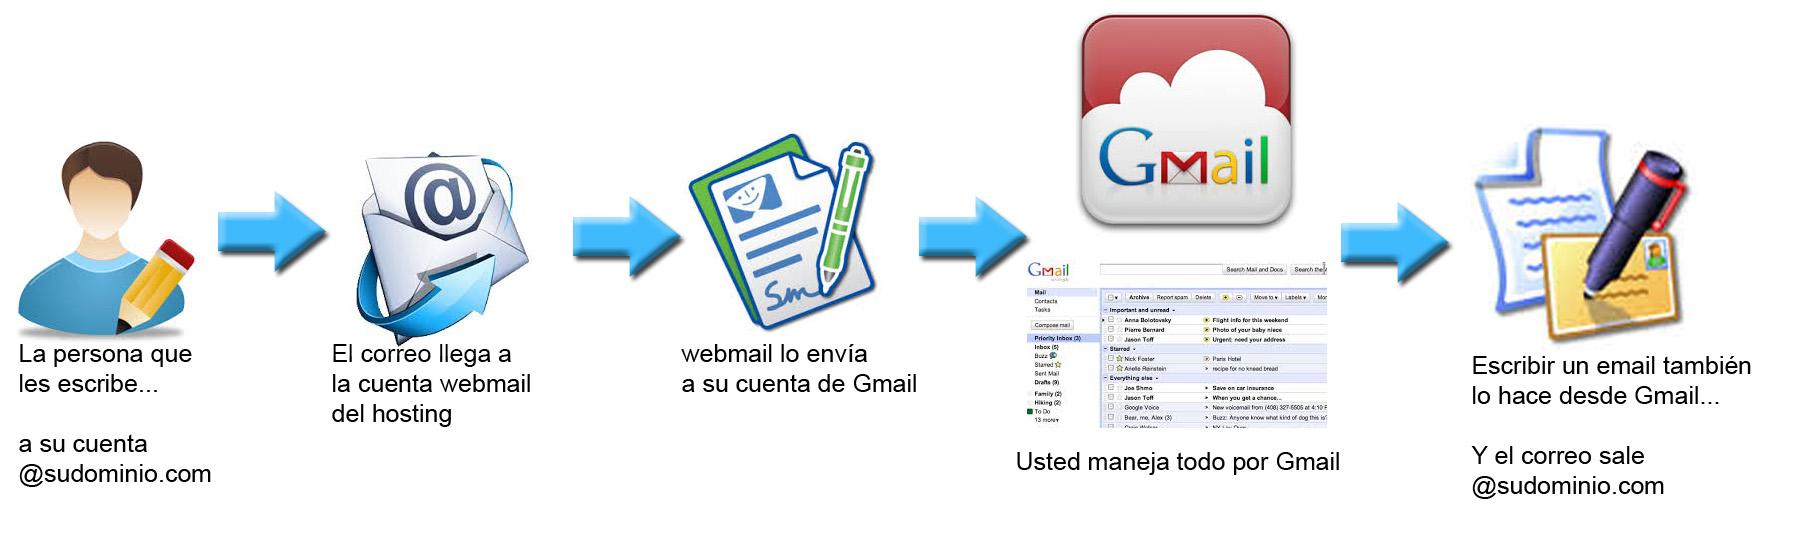 CuentasHomologadasGmail